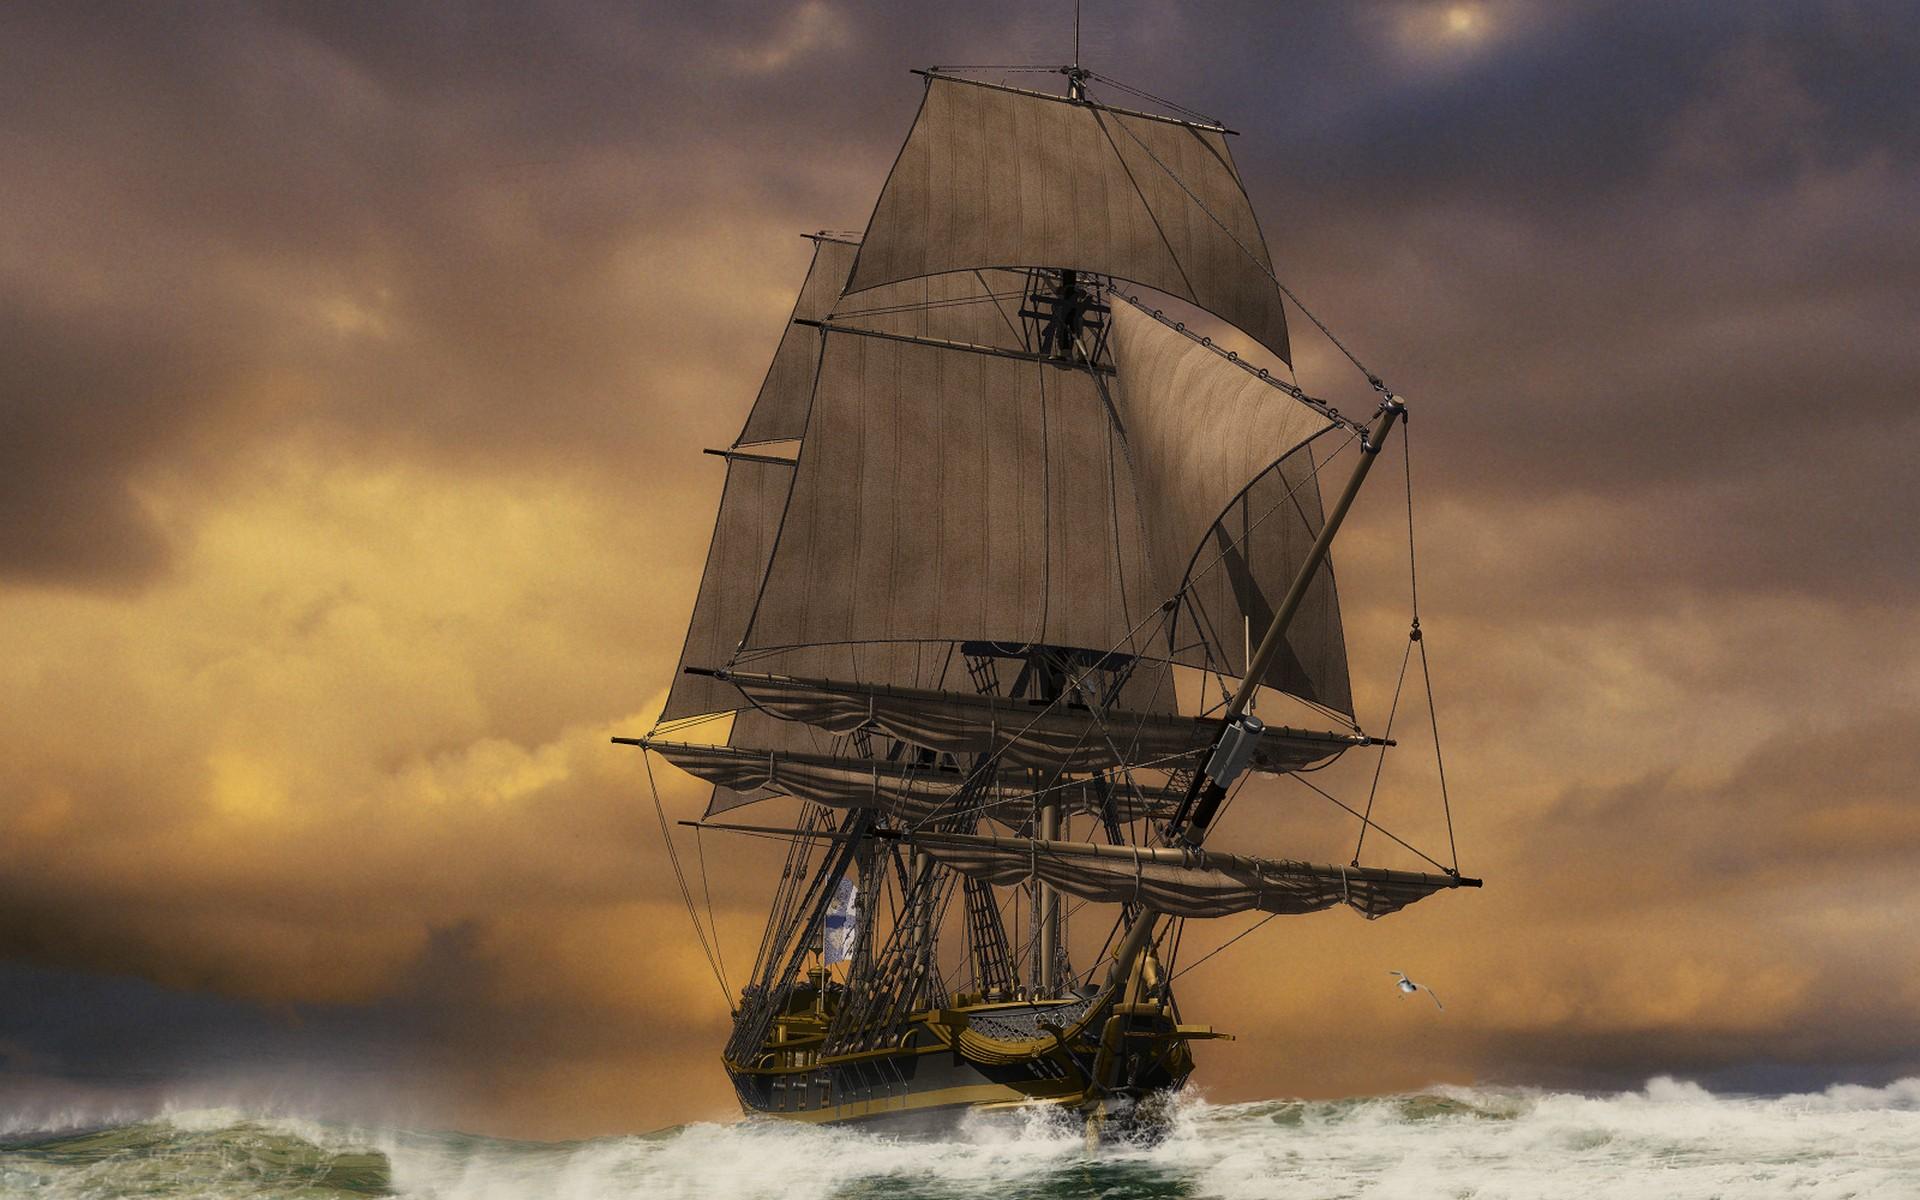 Sunset ocean ships sail ship sailing sails wallpaper ...